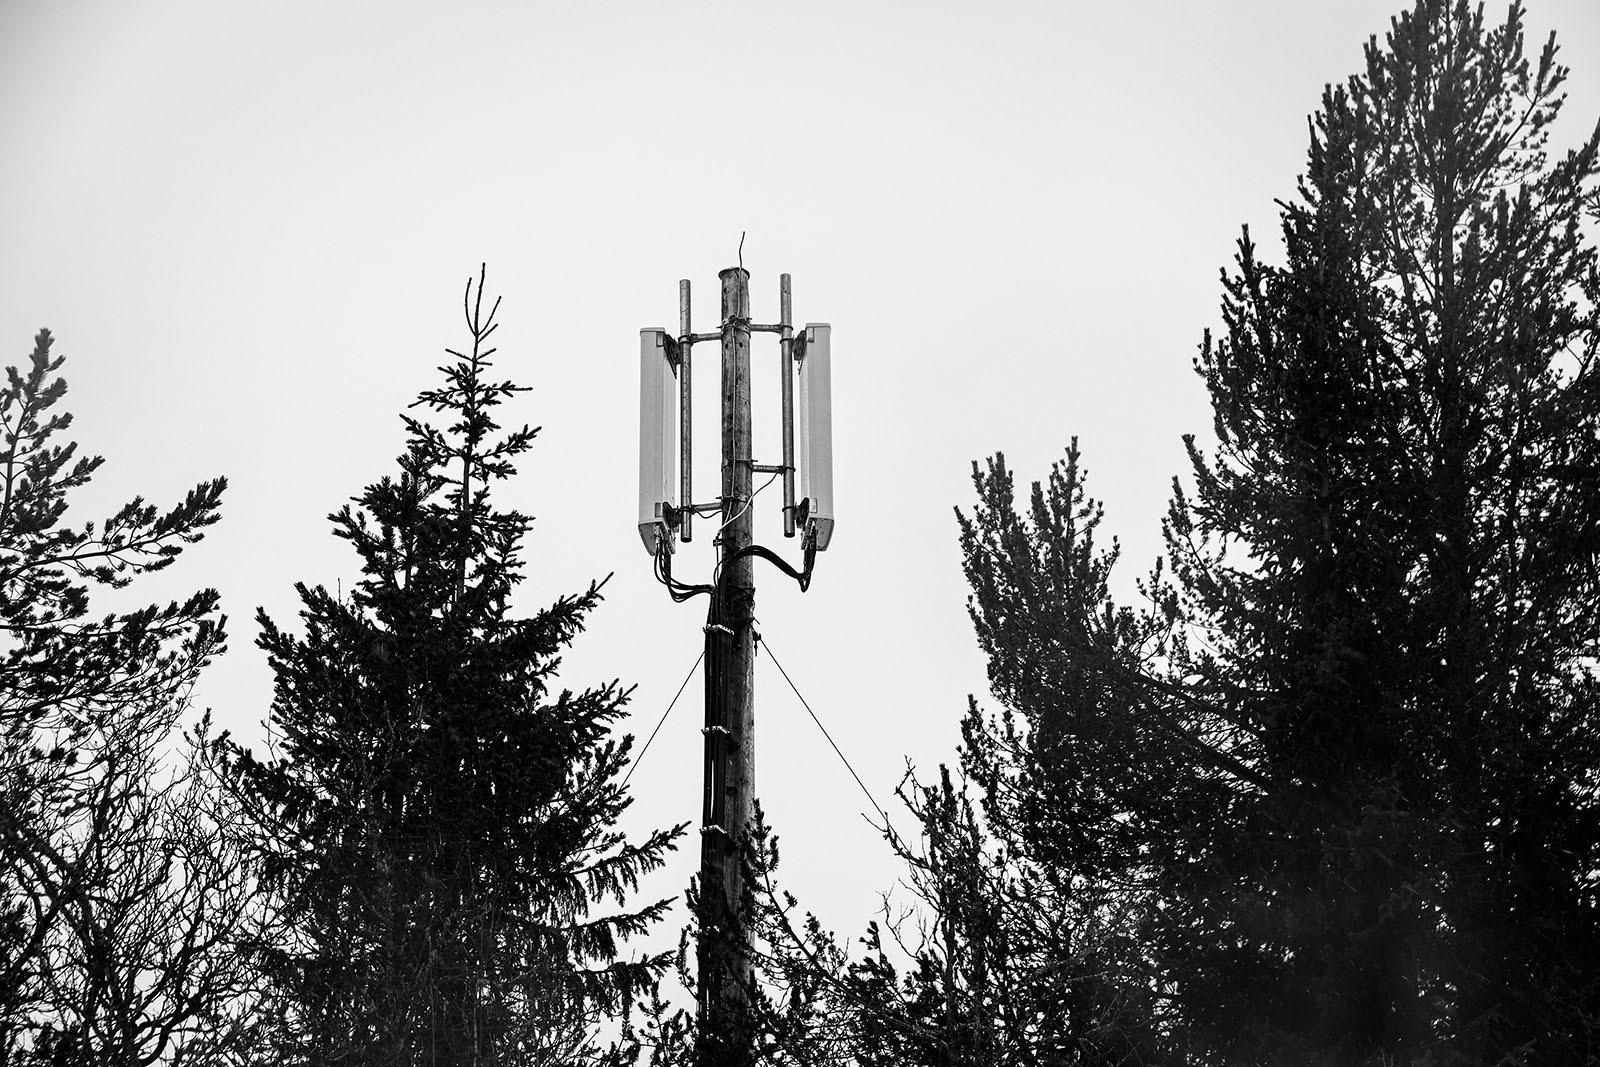 Tradlos-digital-infrastruktur-rapport-1